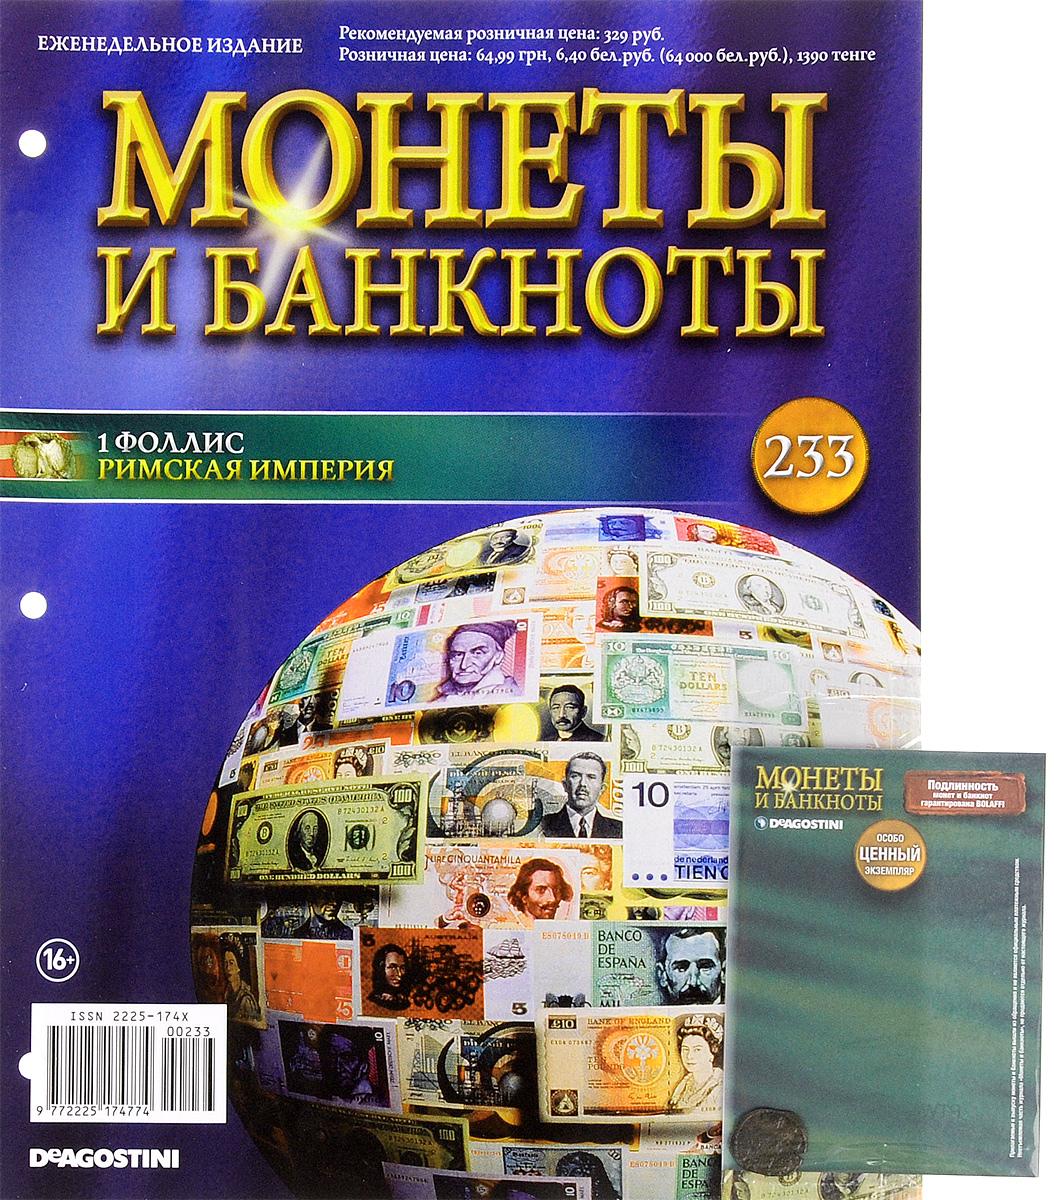 Журнал Монеты и банкноты №233Coins233Журнал Монеты и банкноты №233